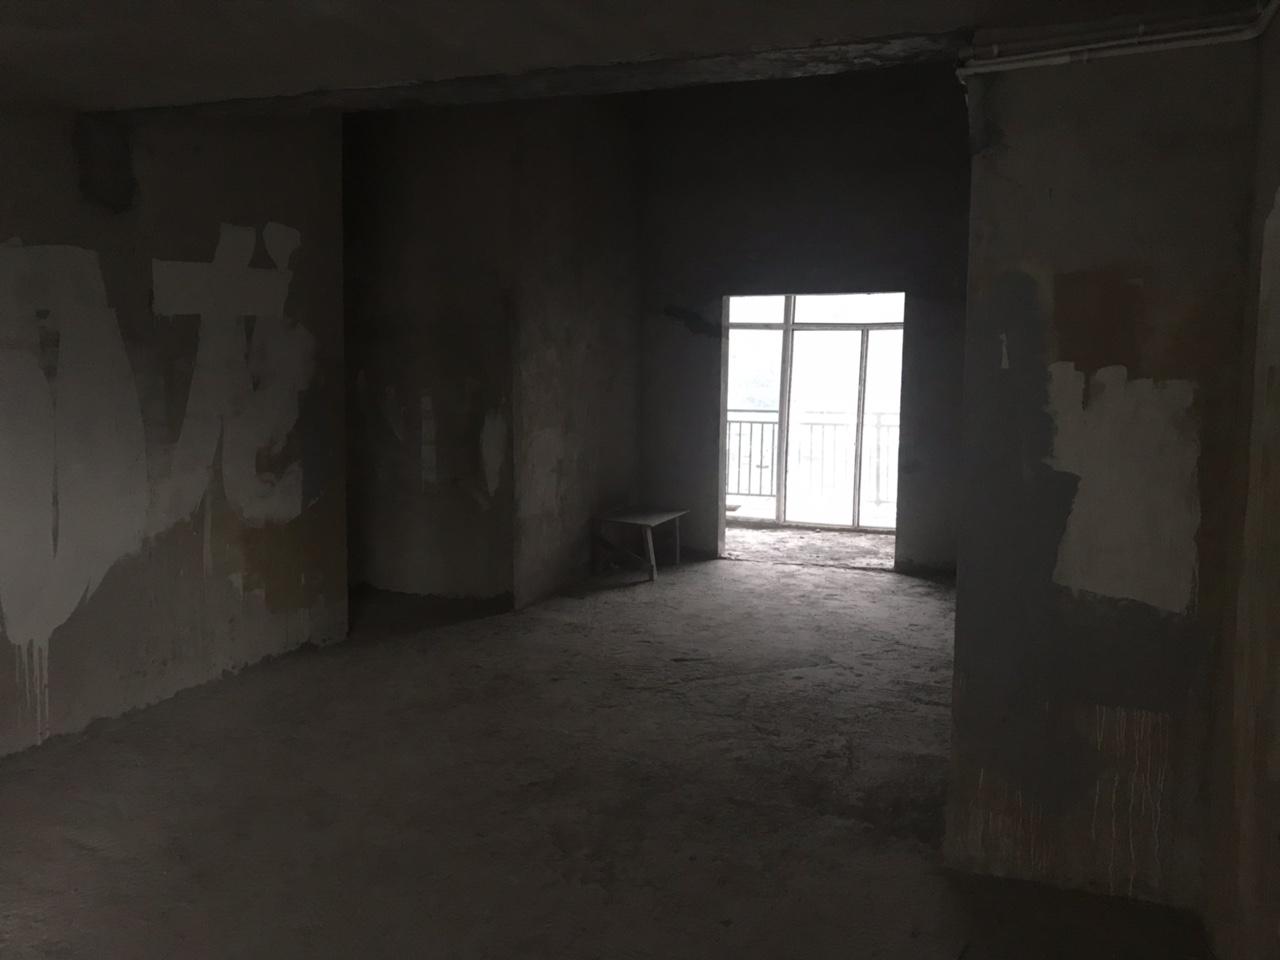 锦州新城B区3室2厅2卫60万元